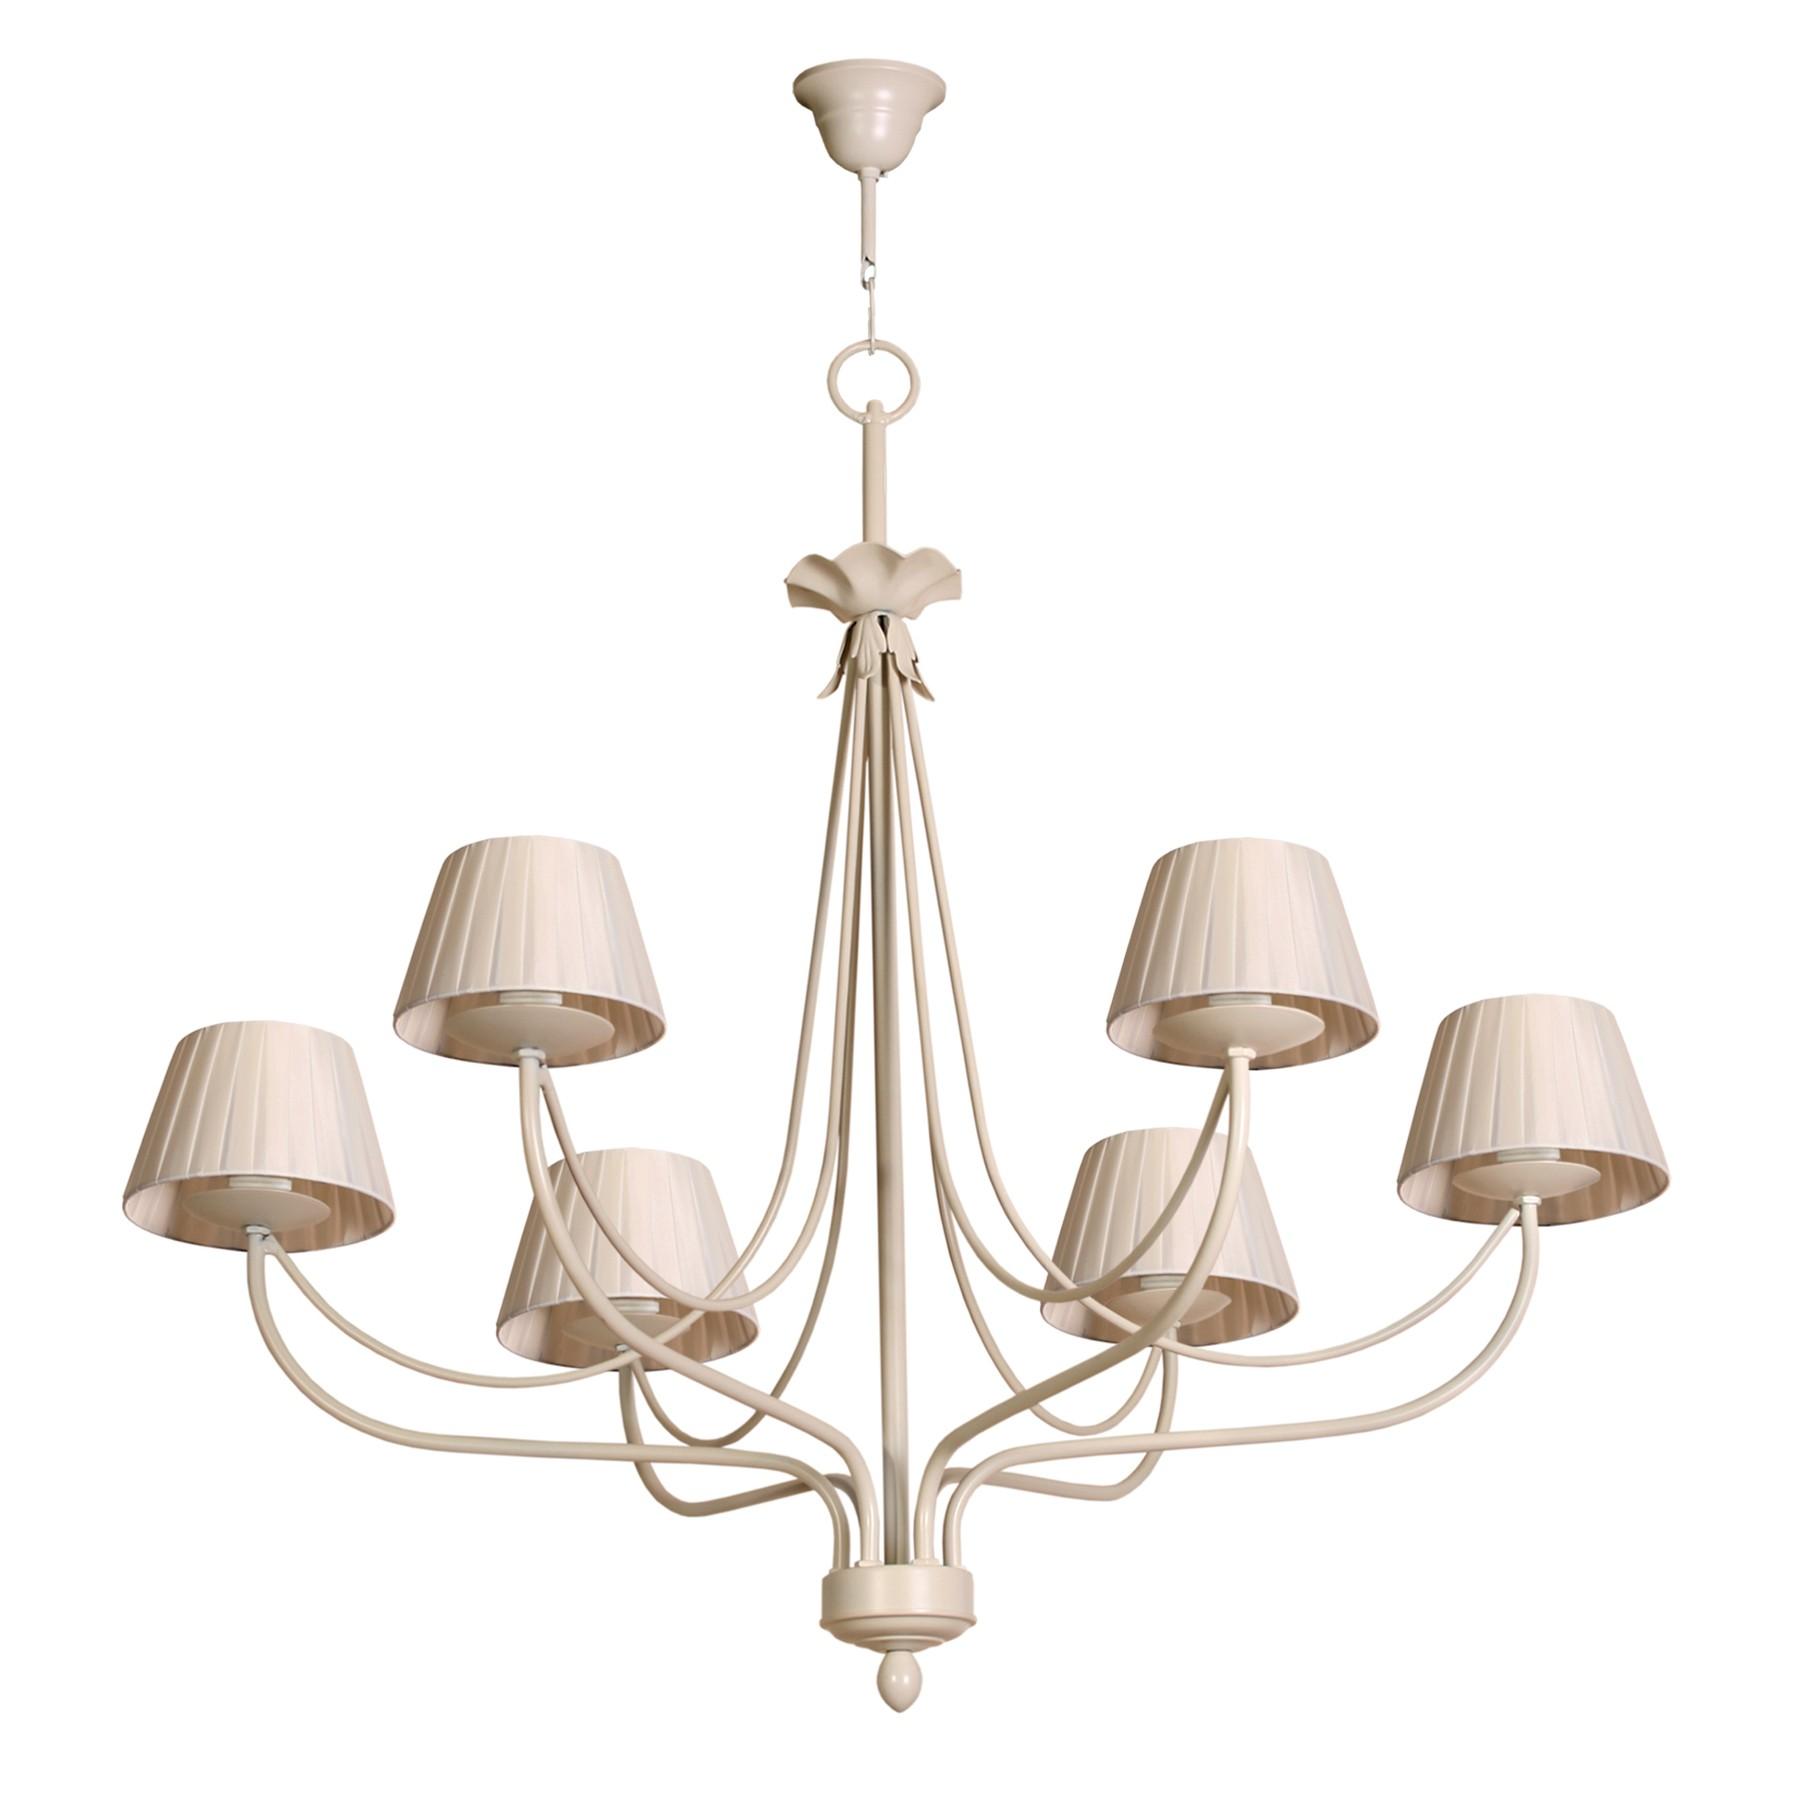 L mpara de techo cl sica modelo min de seis l mparas for Modelos de lamparas